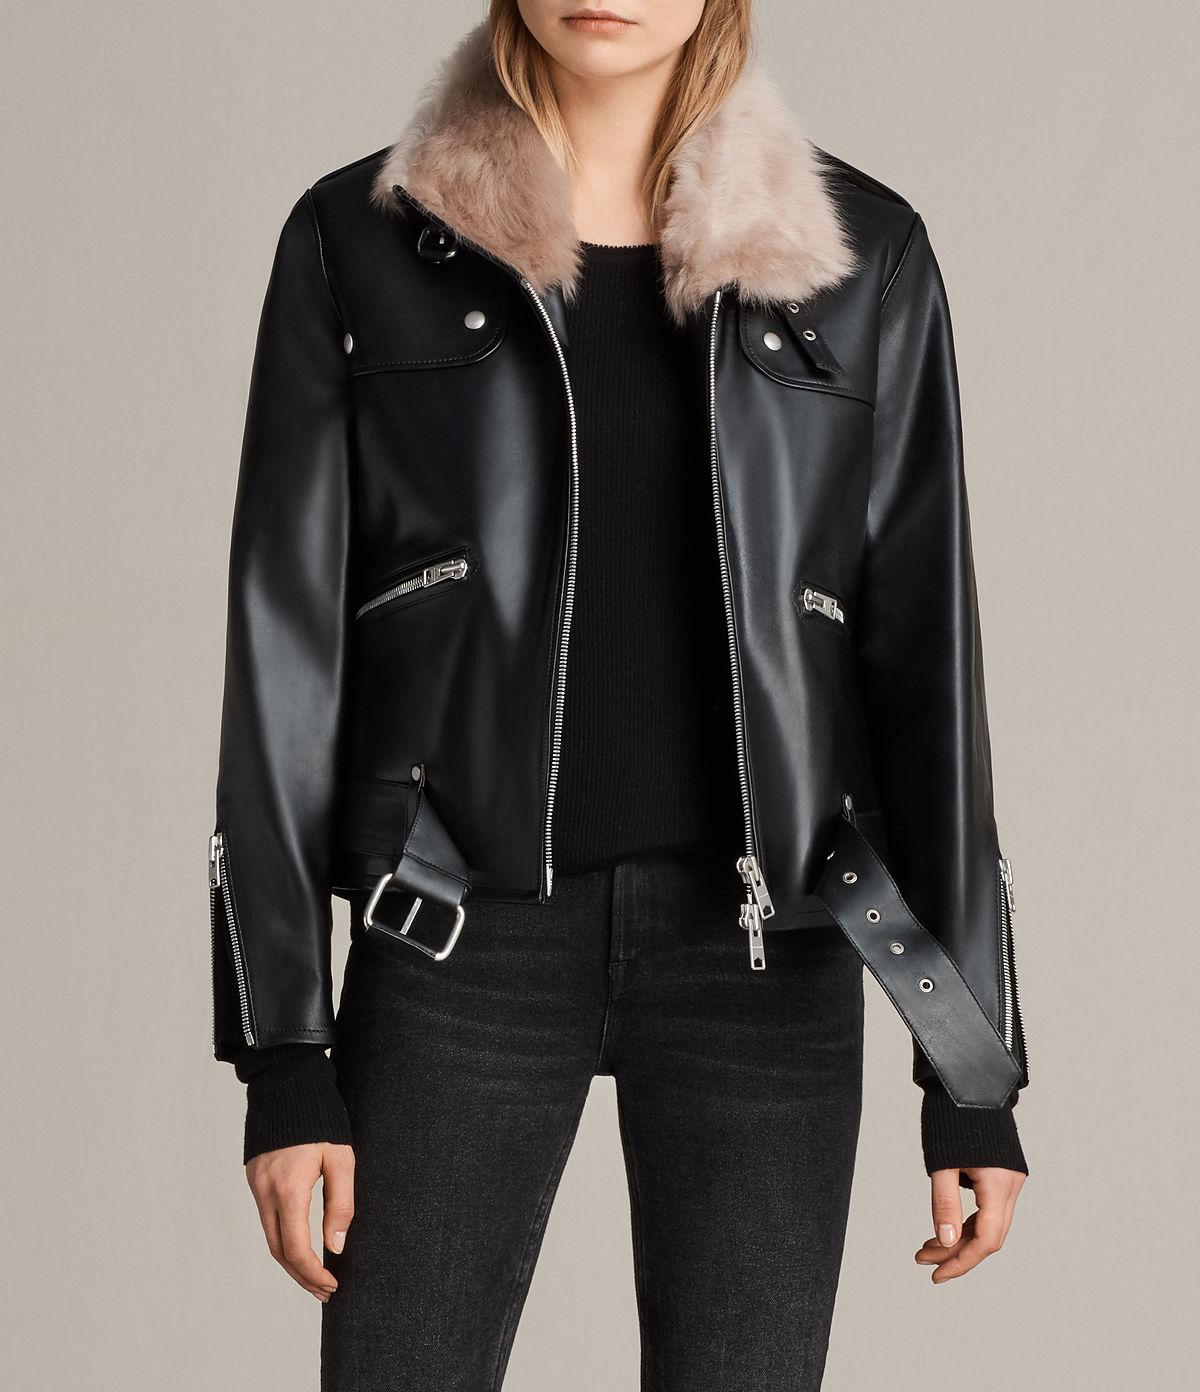 royale-leather-biker-jacket